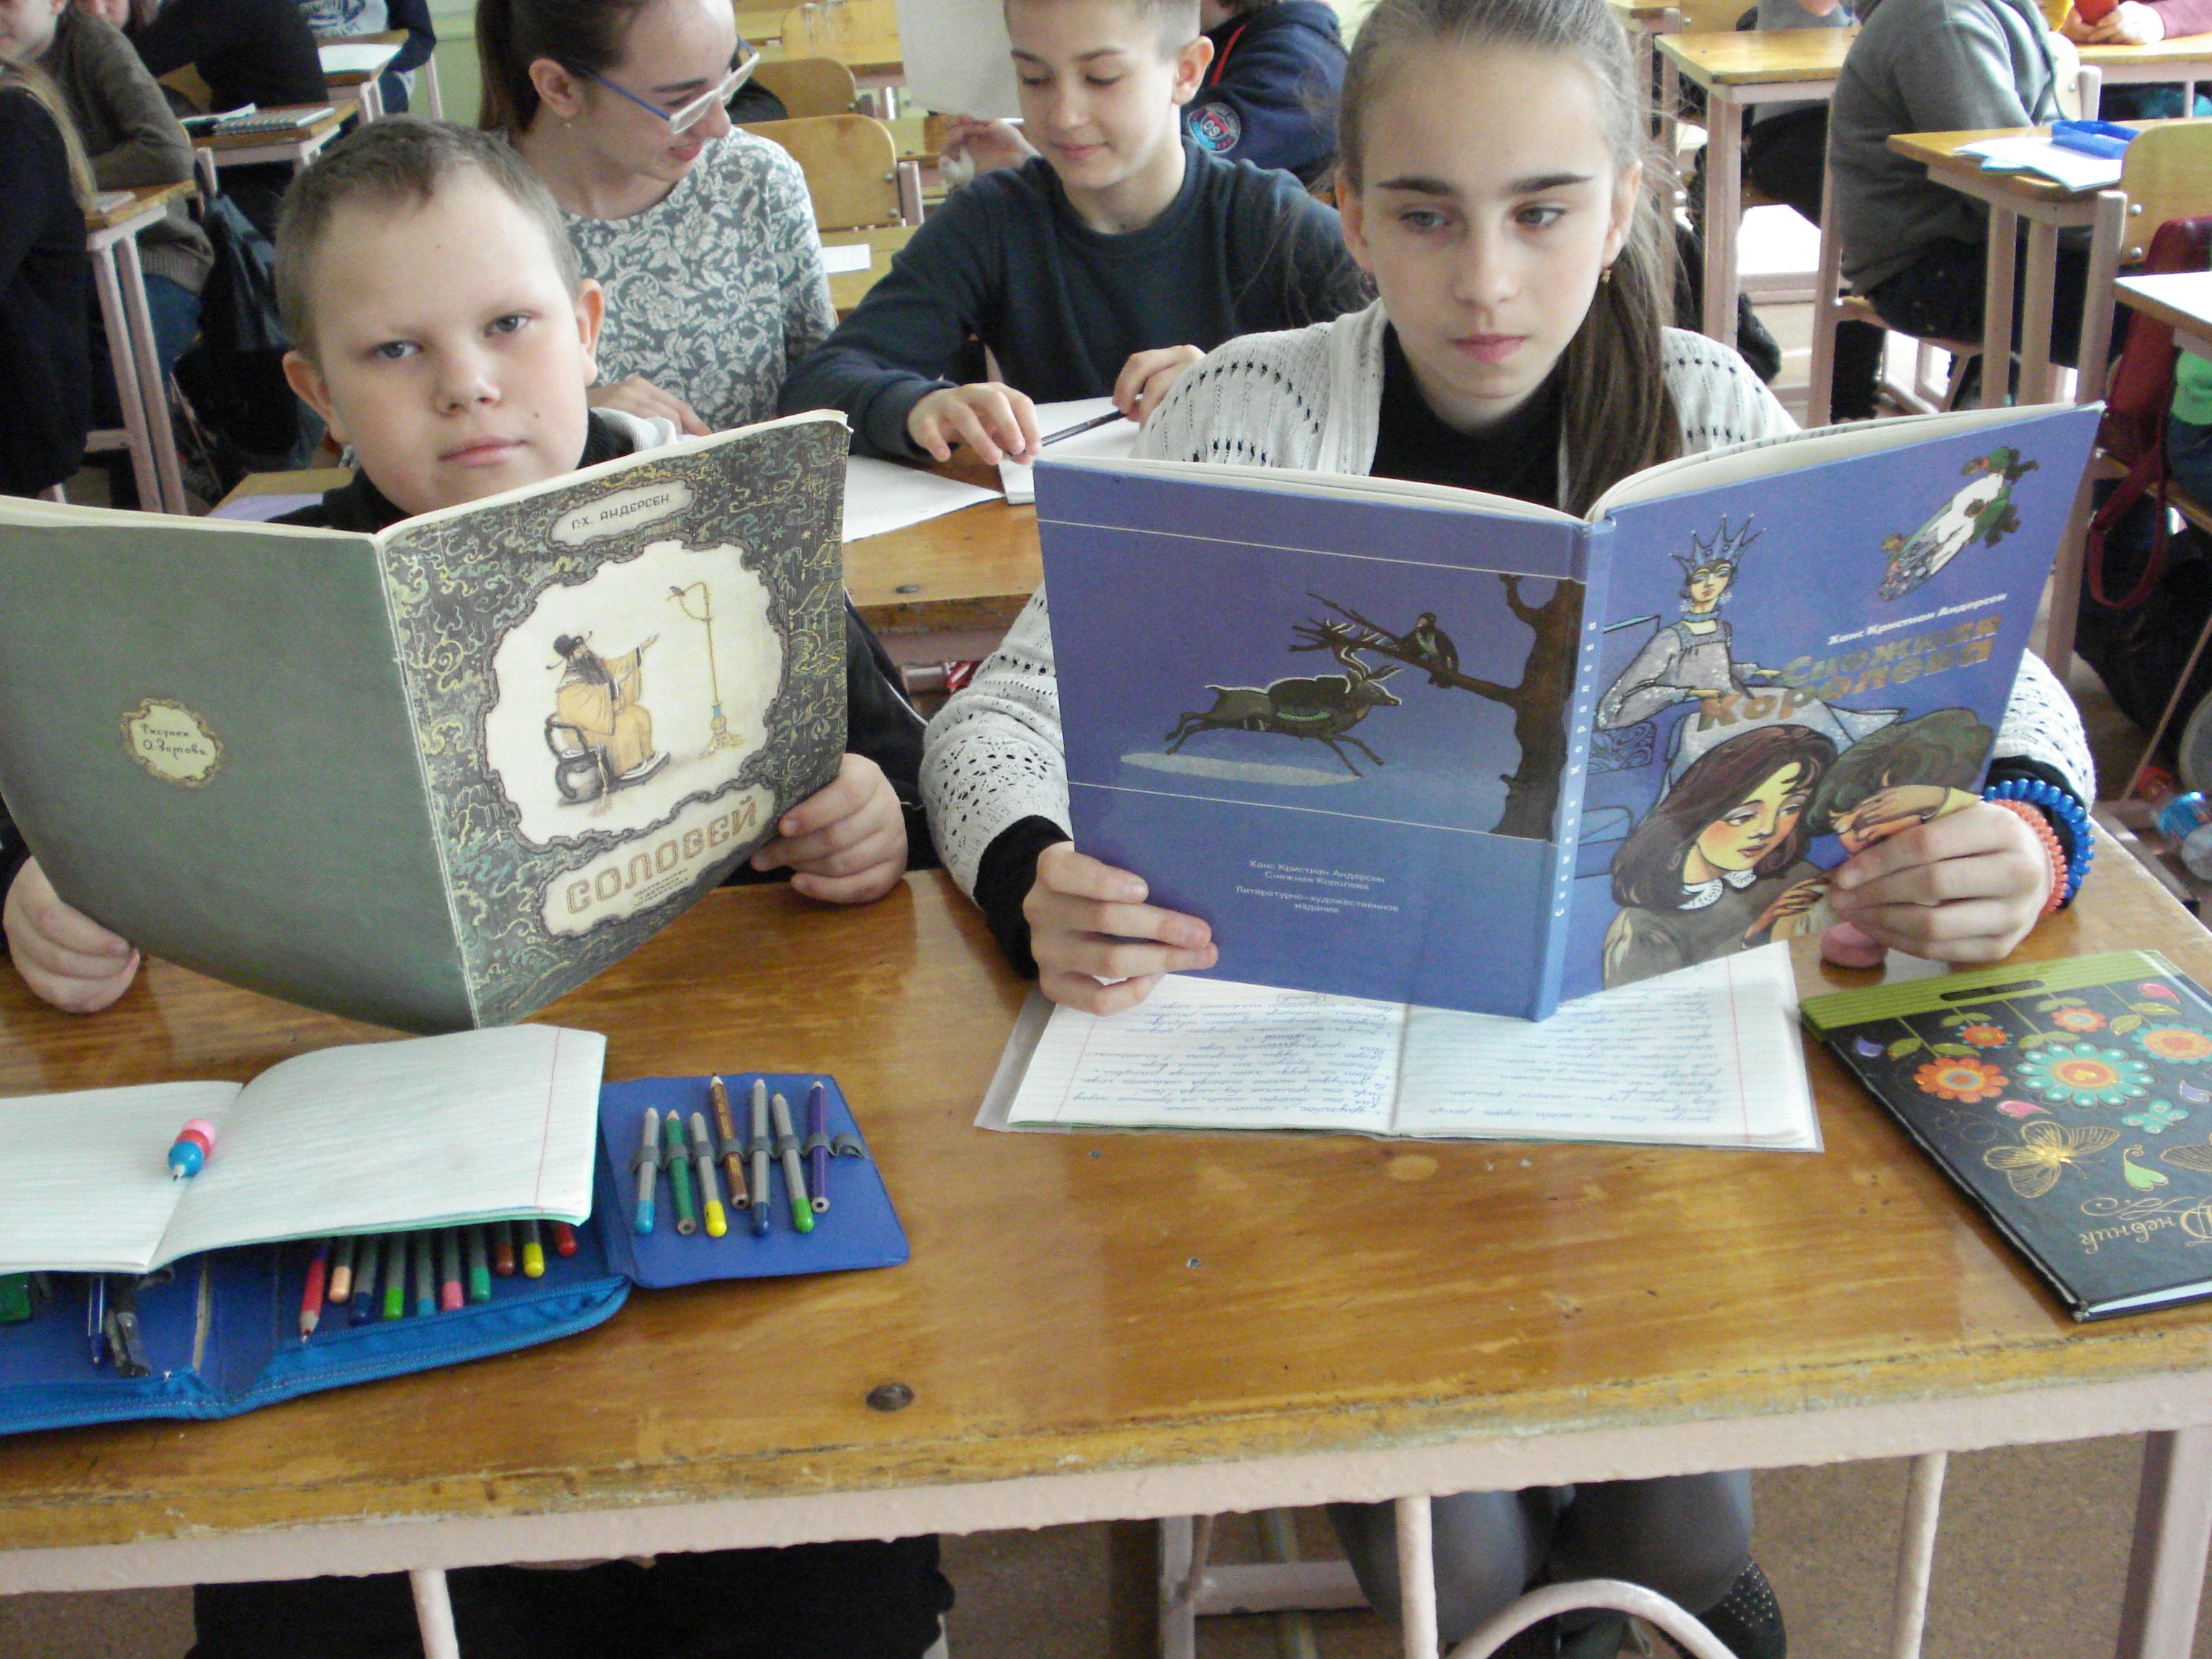 день рождения сказочника, отдел обслуживания учащихся 5-9 классов, донецкая республиканская библиотека для детей, занятия с детьми